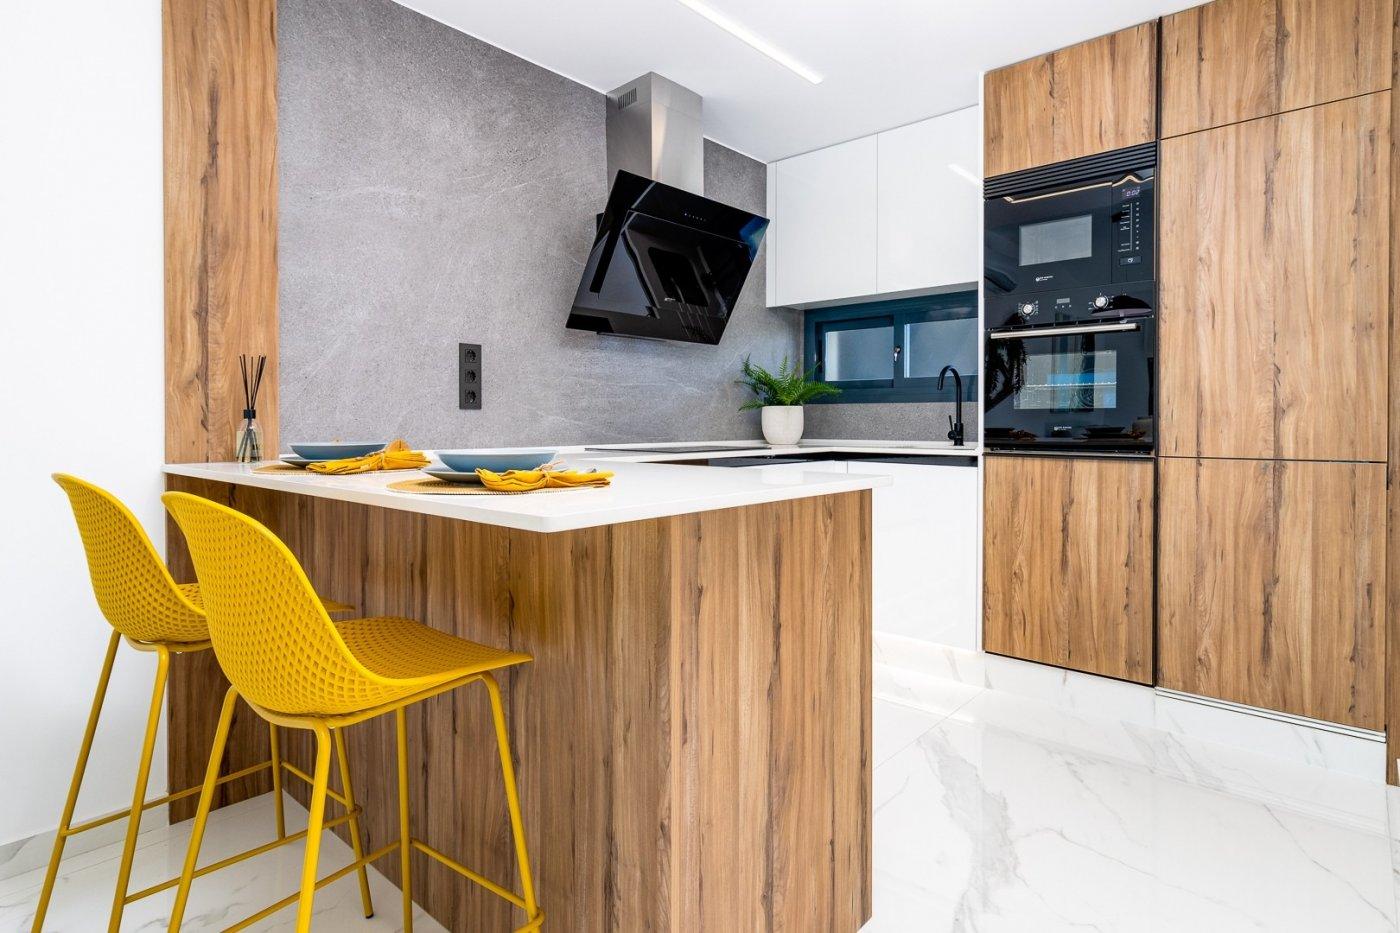 Nuevo complejo residencial en el raso (guardamar)!!! - imagenInmueble14